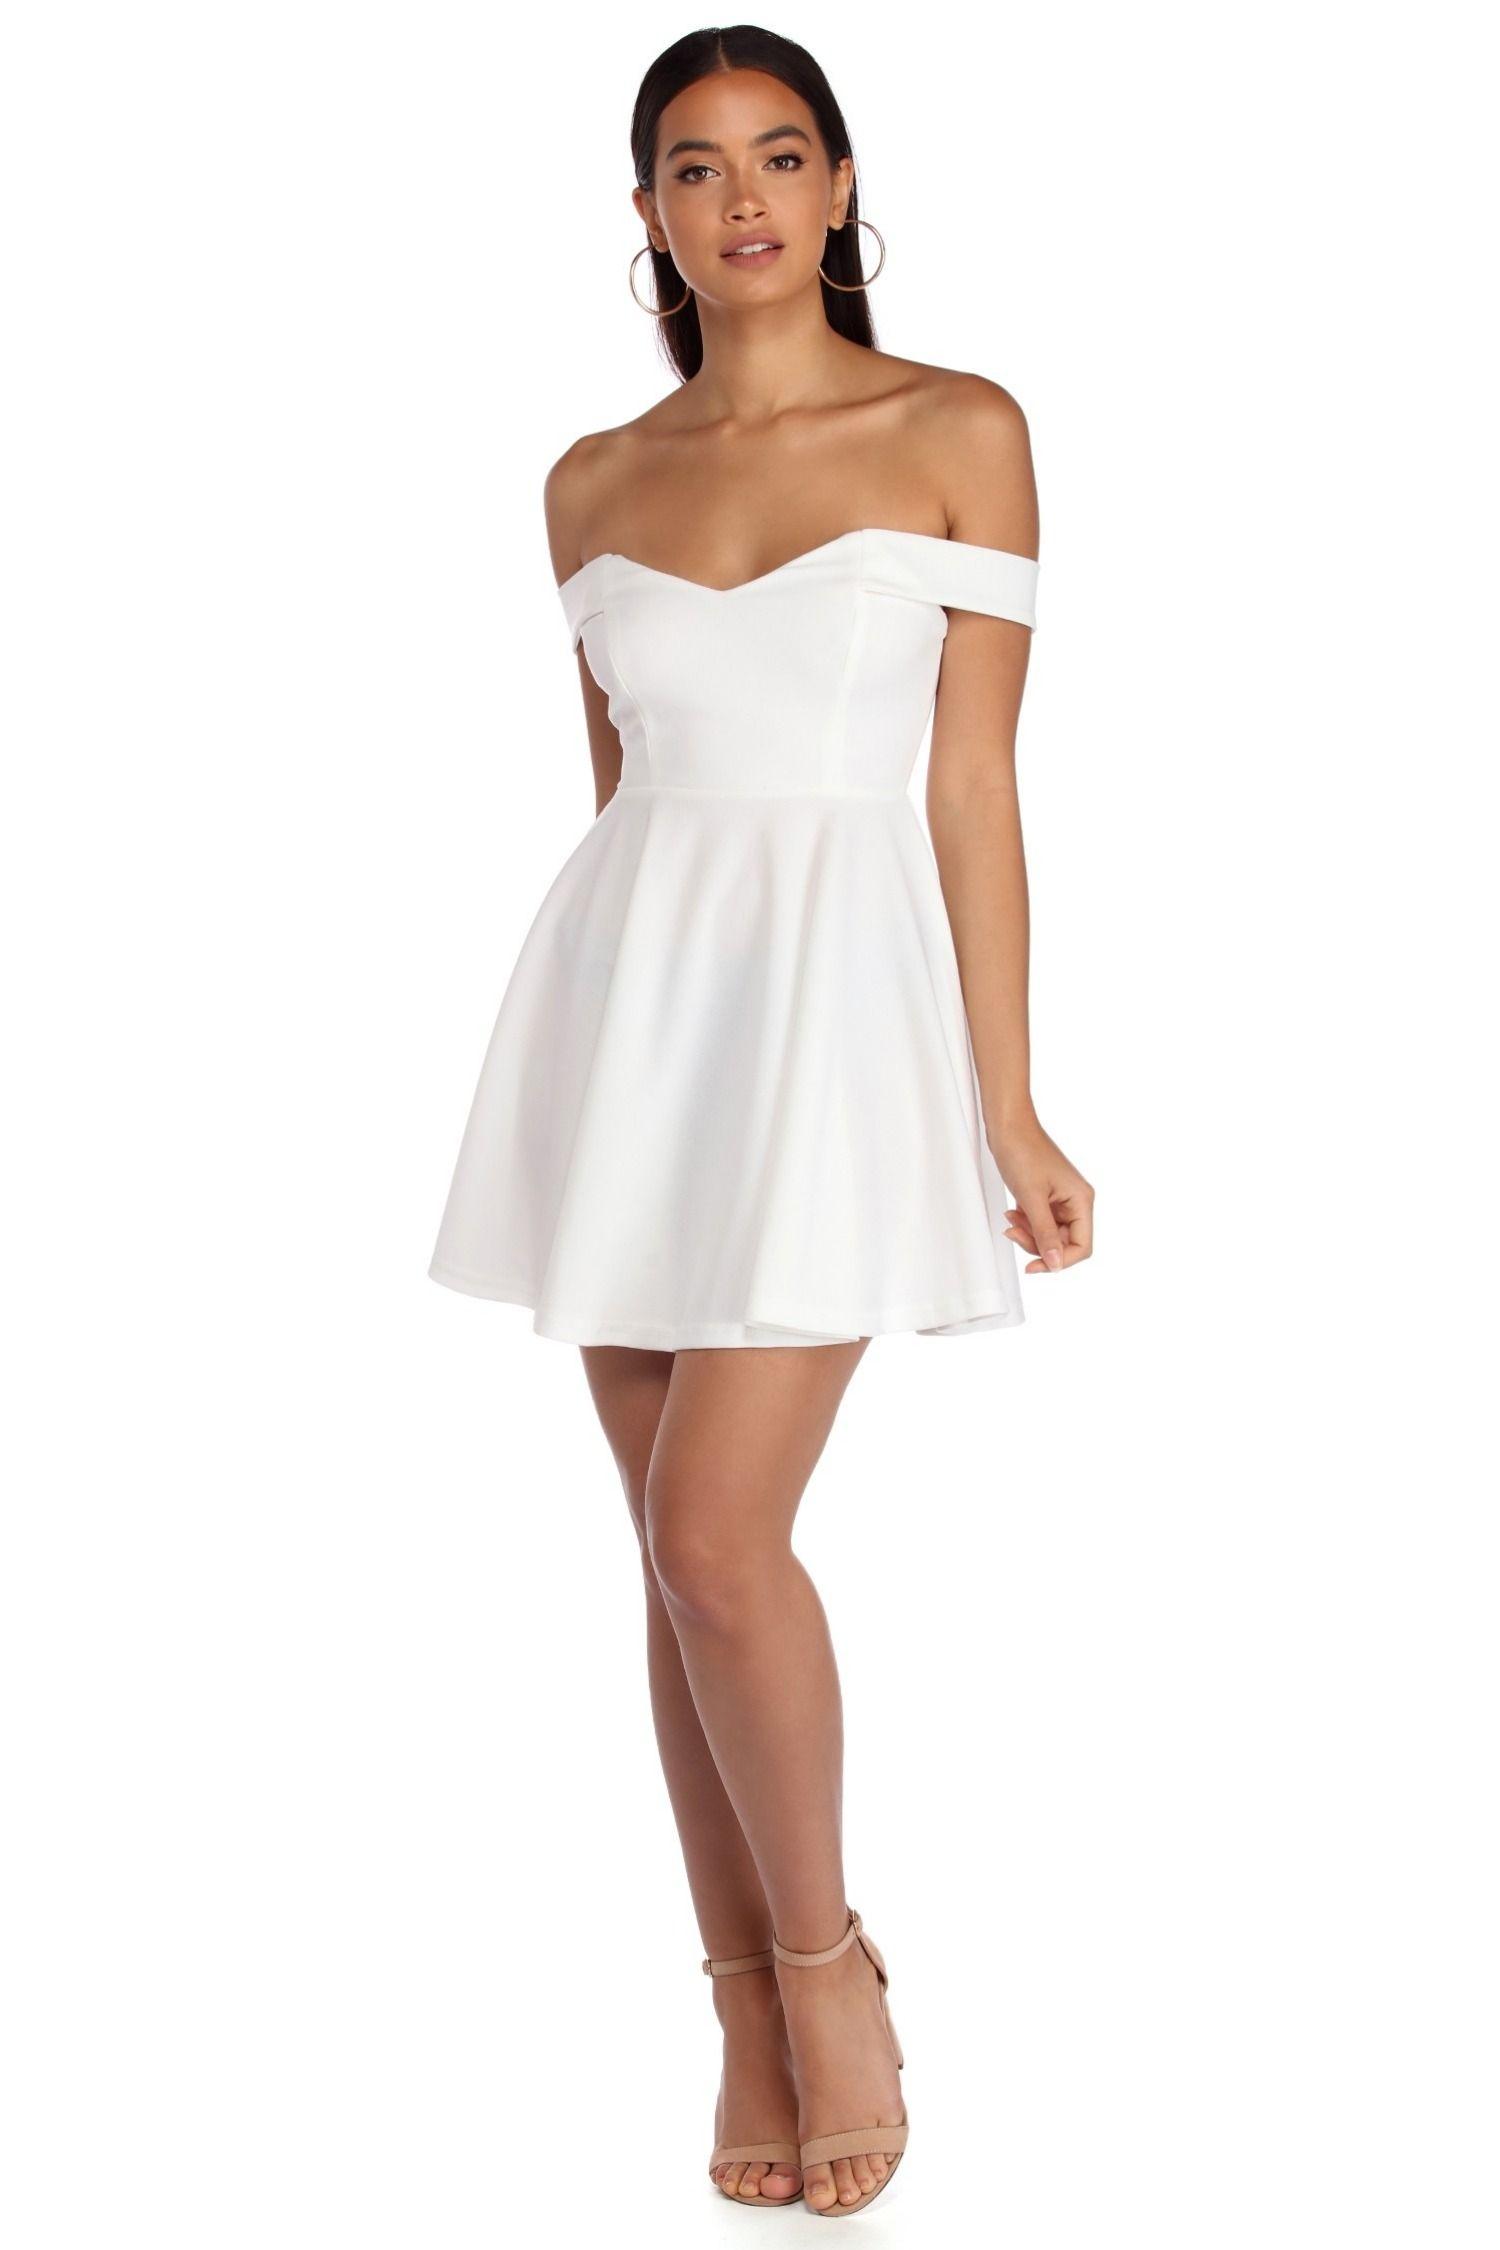 Windsor Store Fresh Start Skater Dress Cocktail Dress Wedding Beautiful Cocktail Dresses Dresses [ 2250 x 1500 Pixel ]